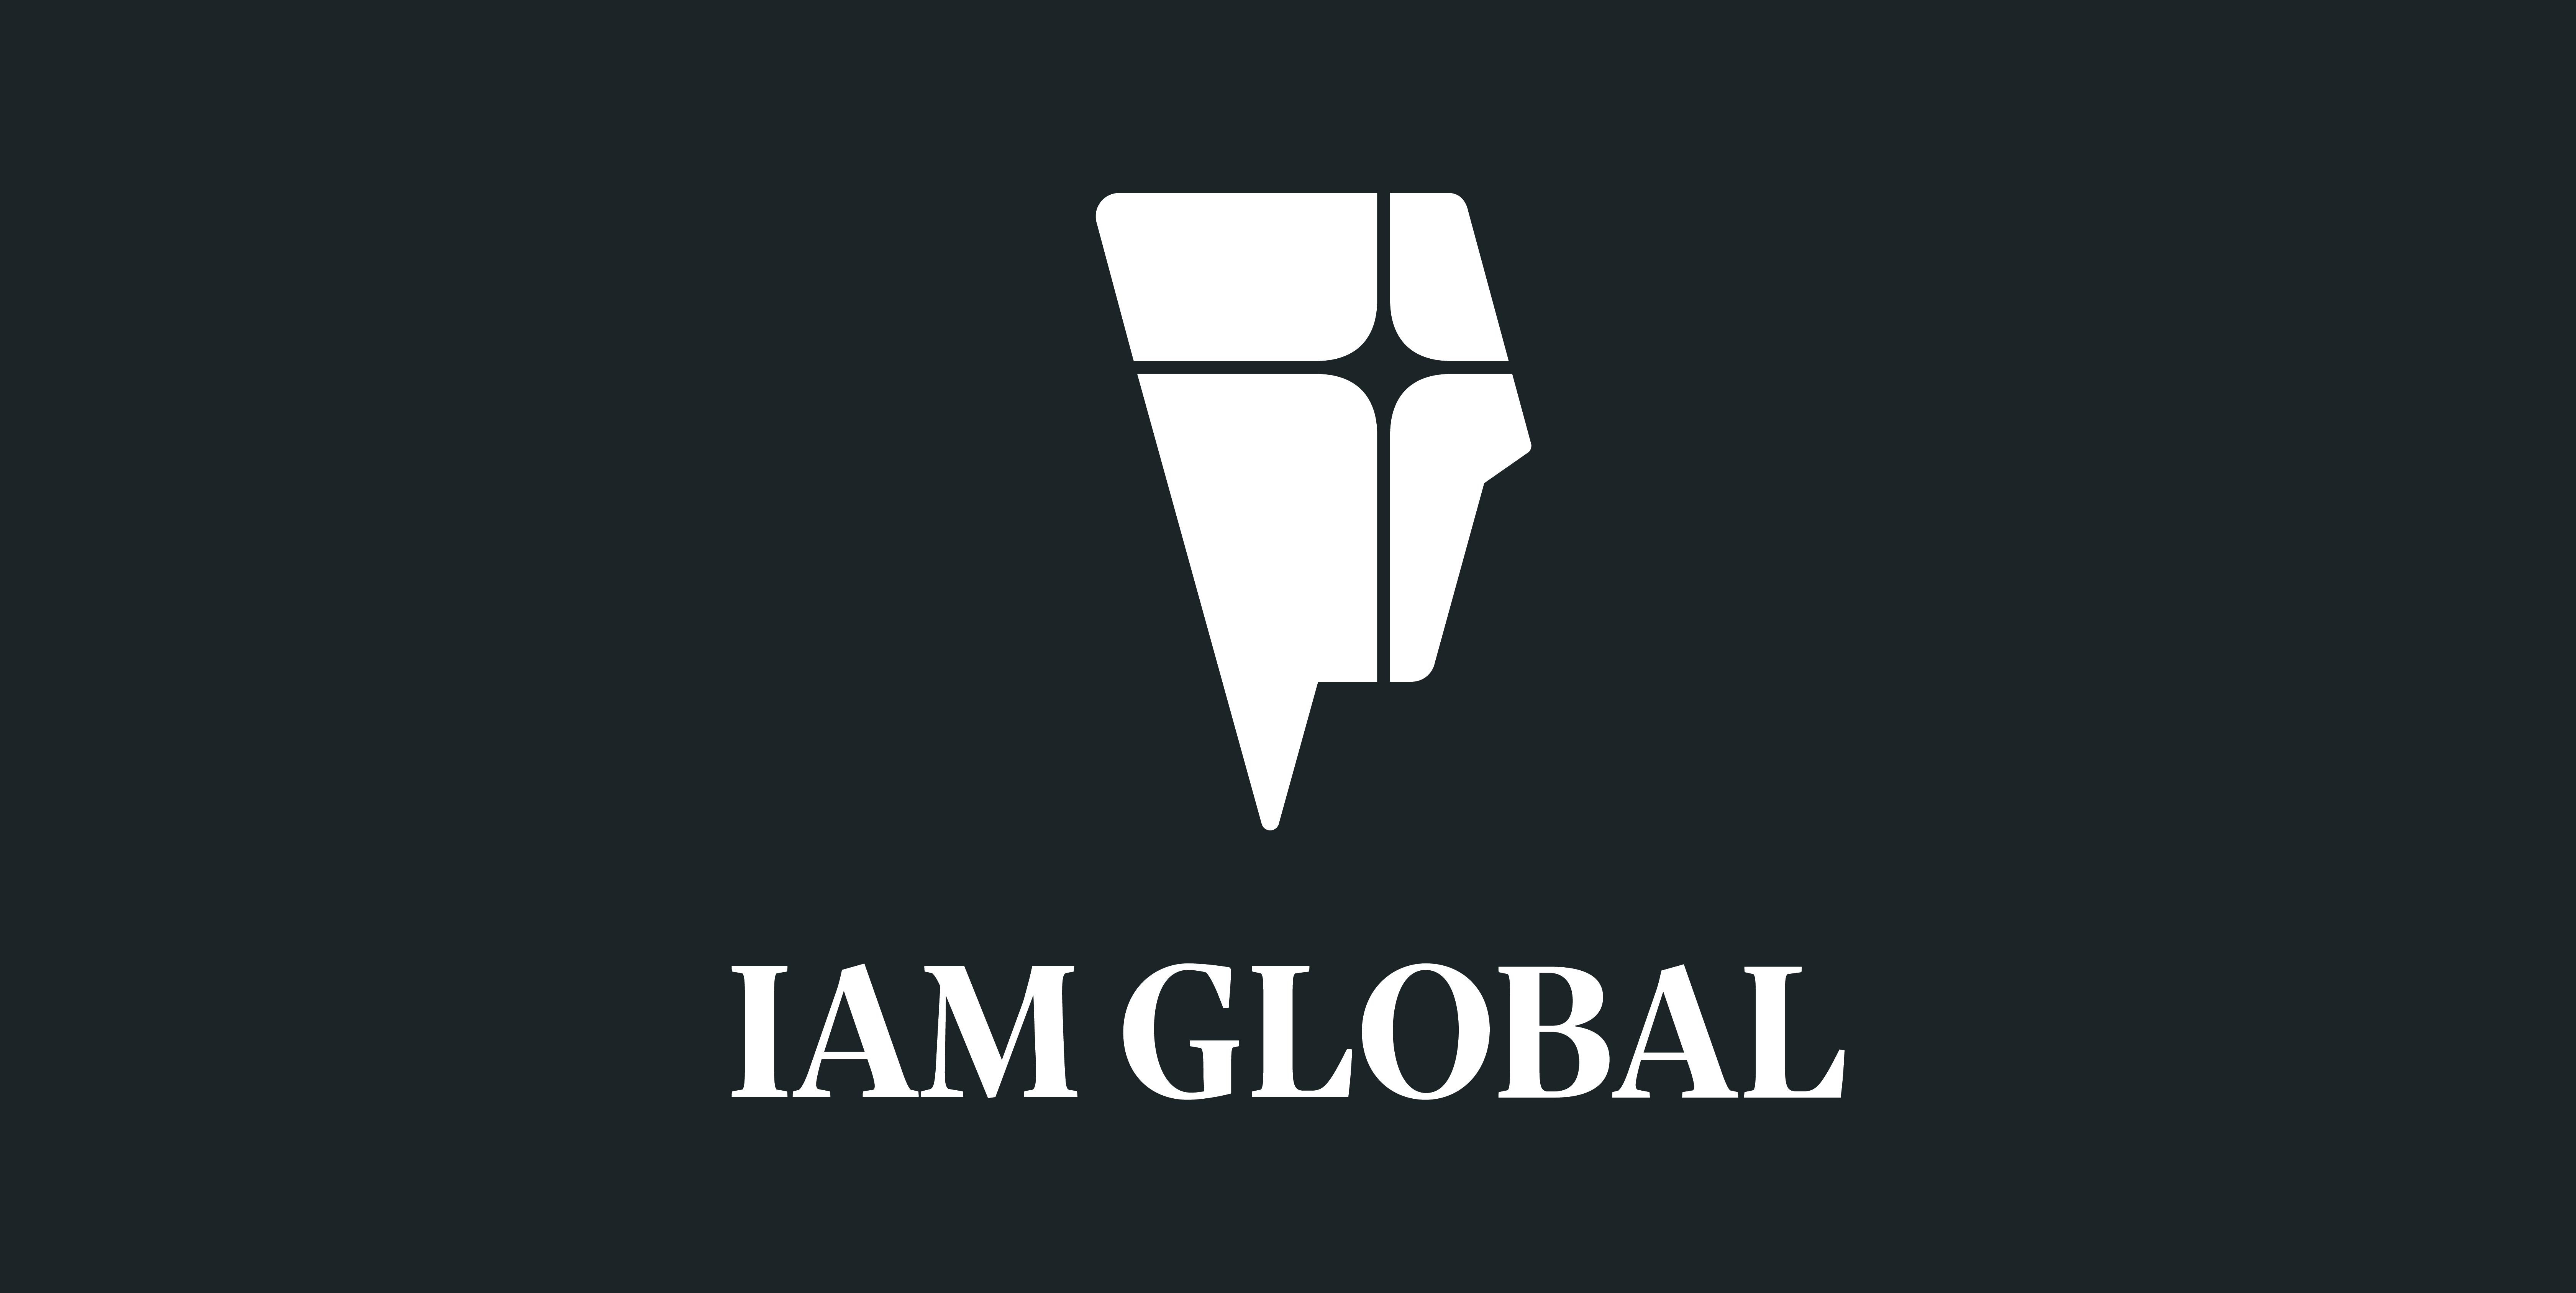 Iridium Kunde IAM Global